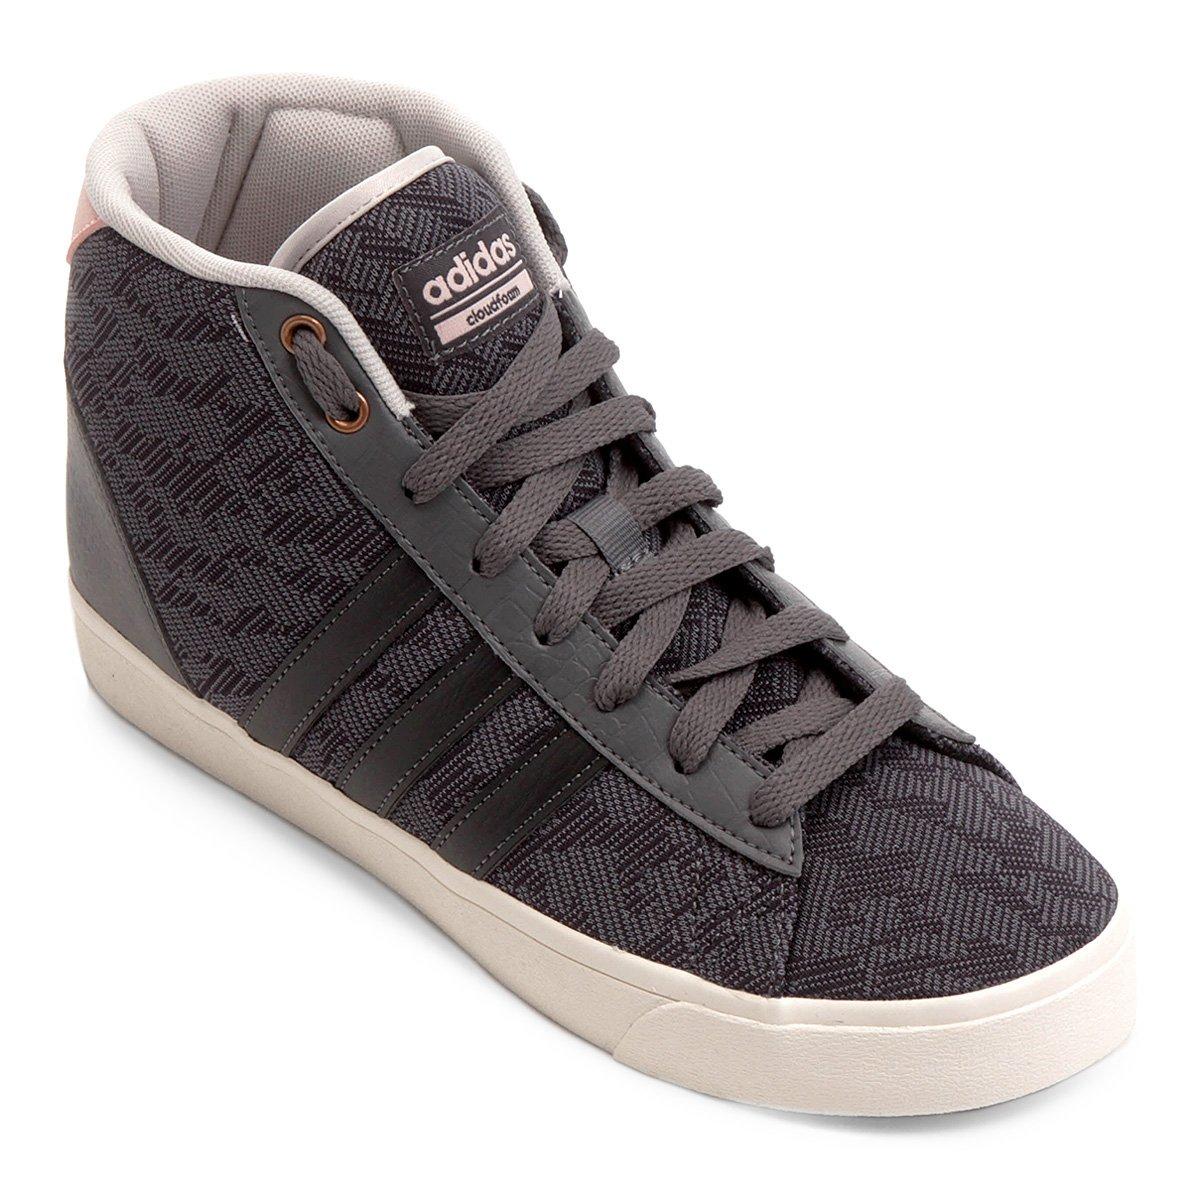 6405e33fdd2 Tênis Adidas Cf Daily Qt Mid Feminino - Compre Agora